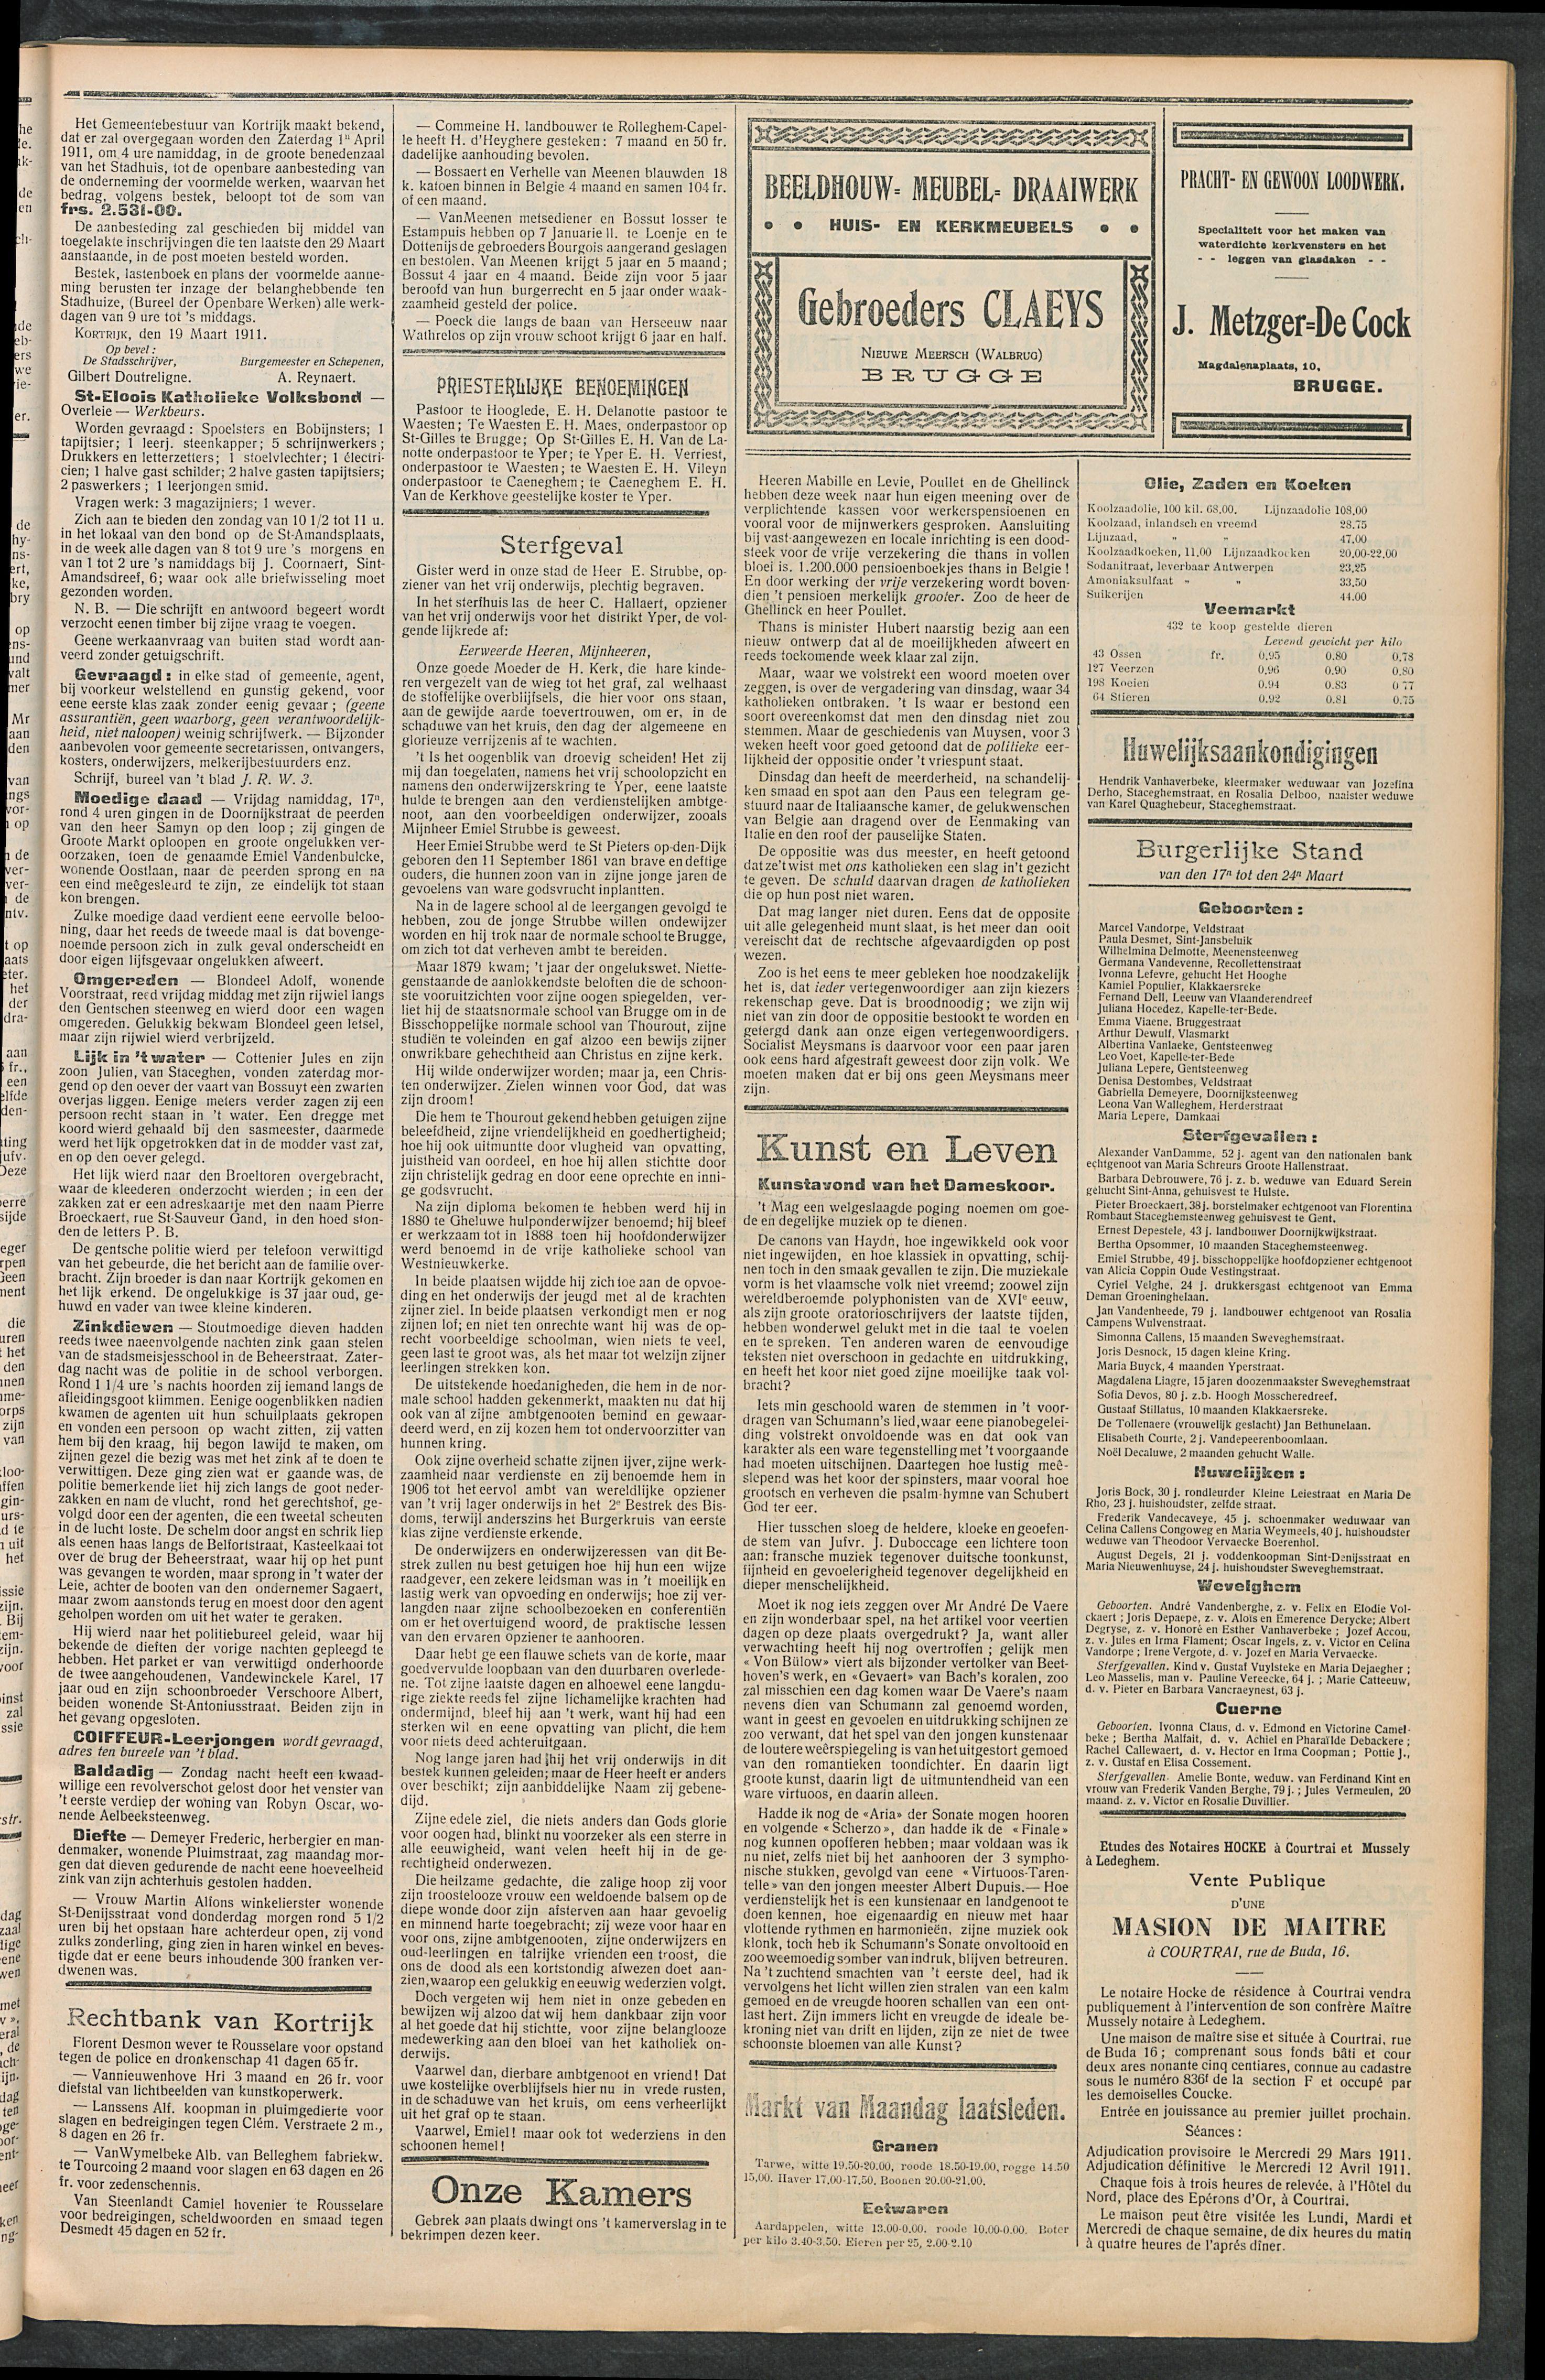 Het Kortrijksche Volk 1911-03-26 p3